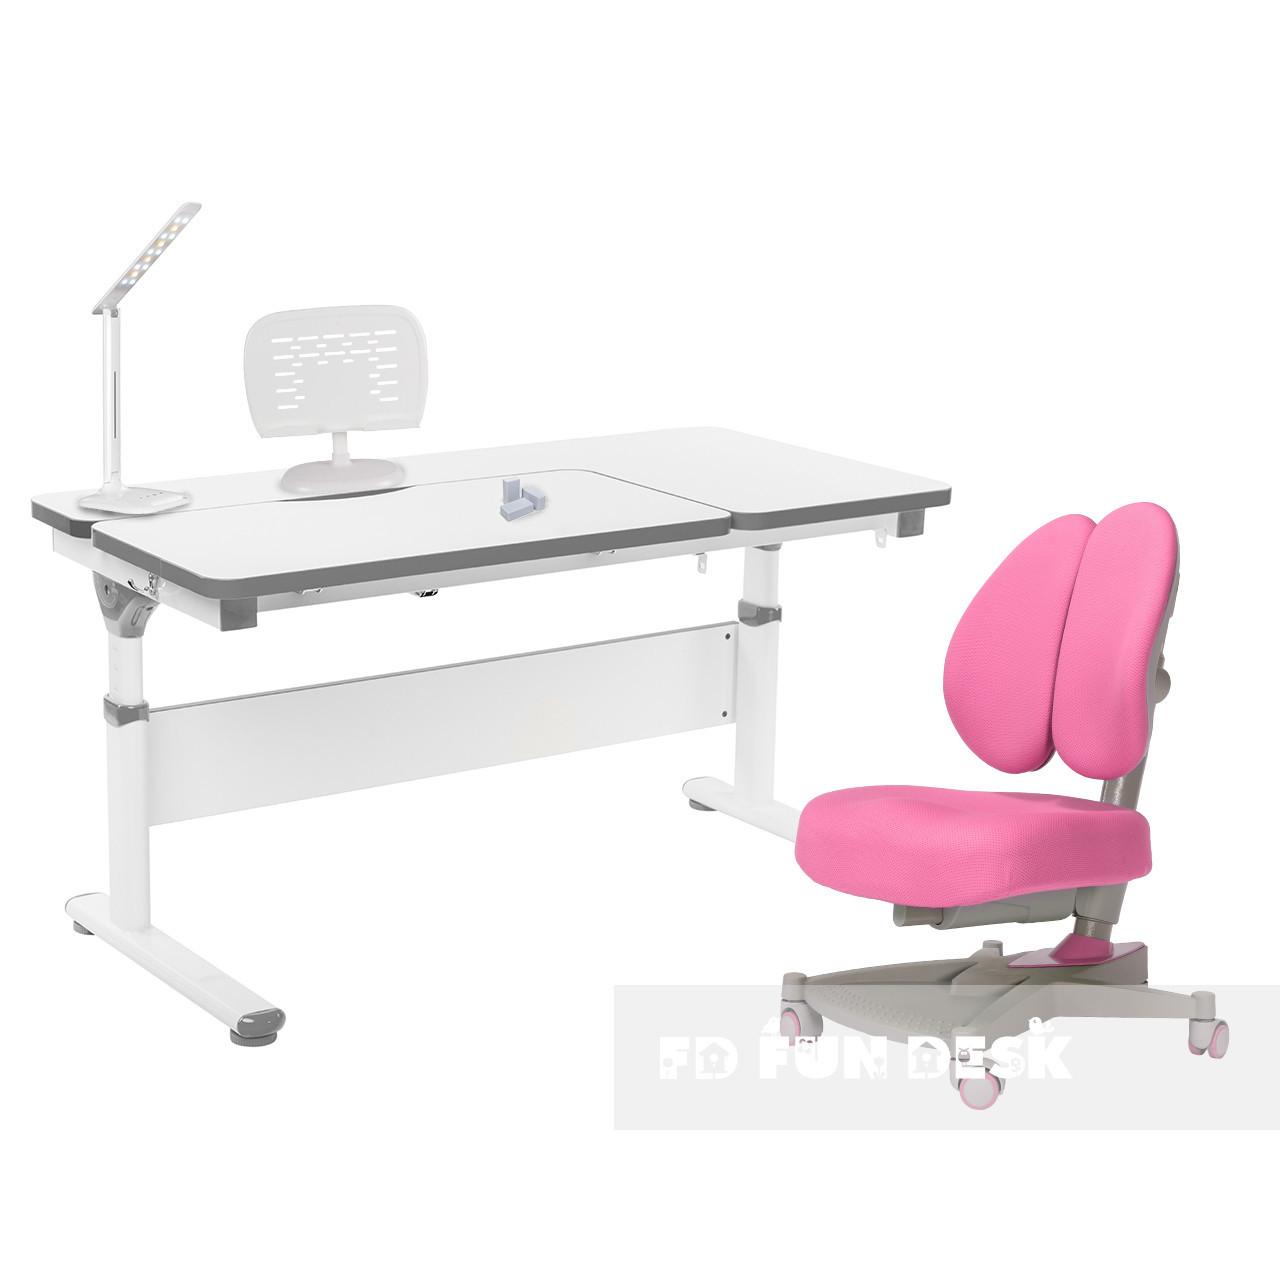 Комплект парта Creare Grey + детское ортопедическое кресло Contento Pink FunDesk